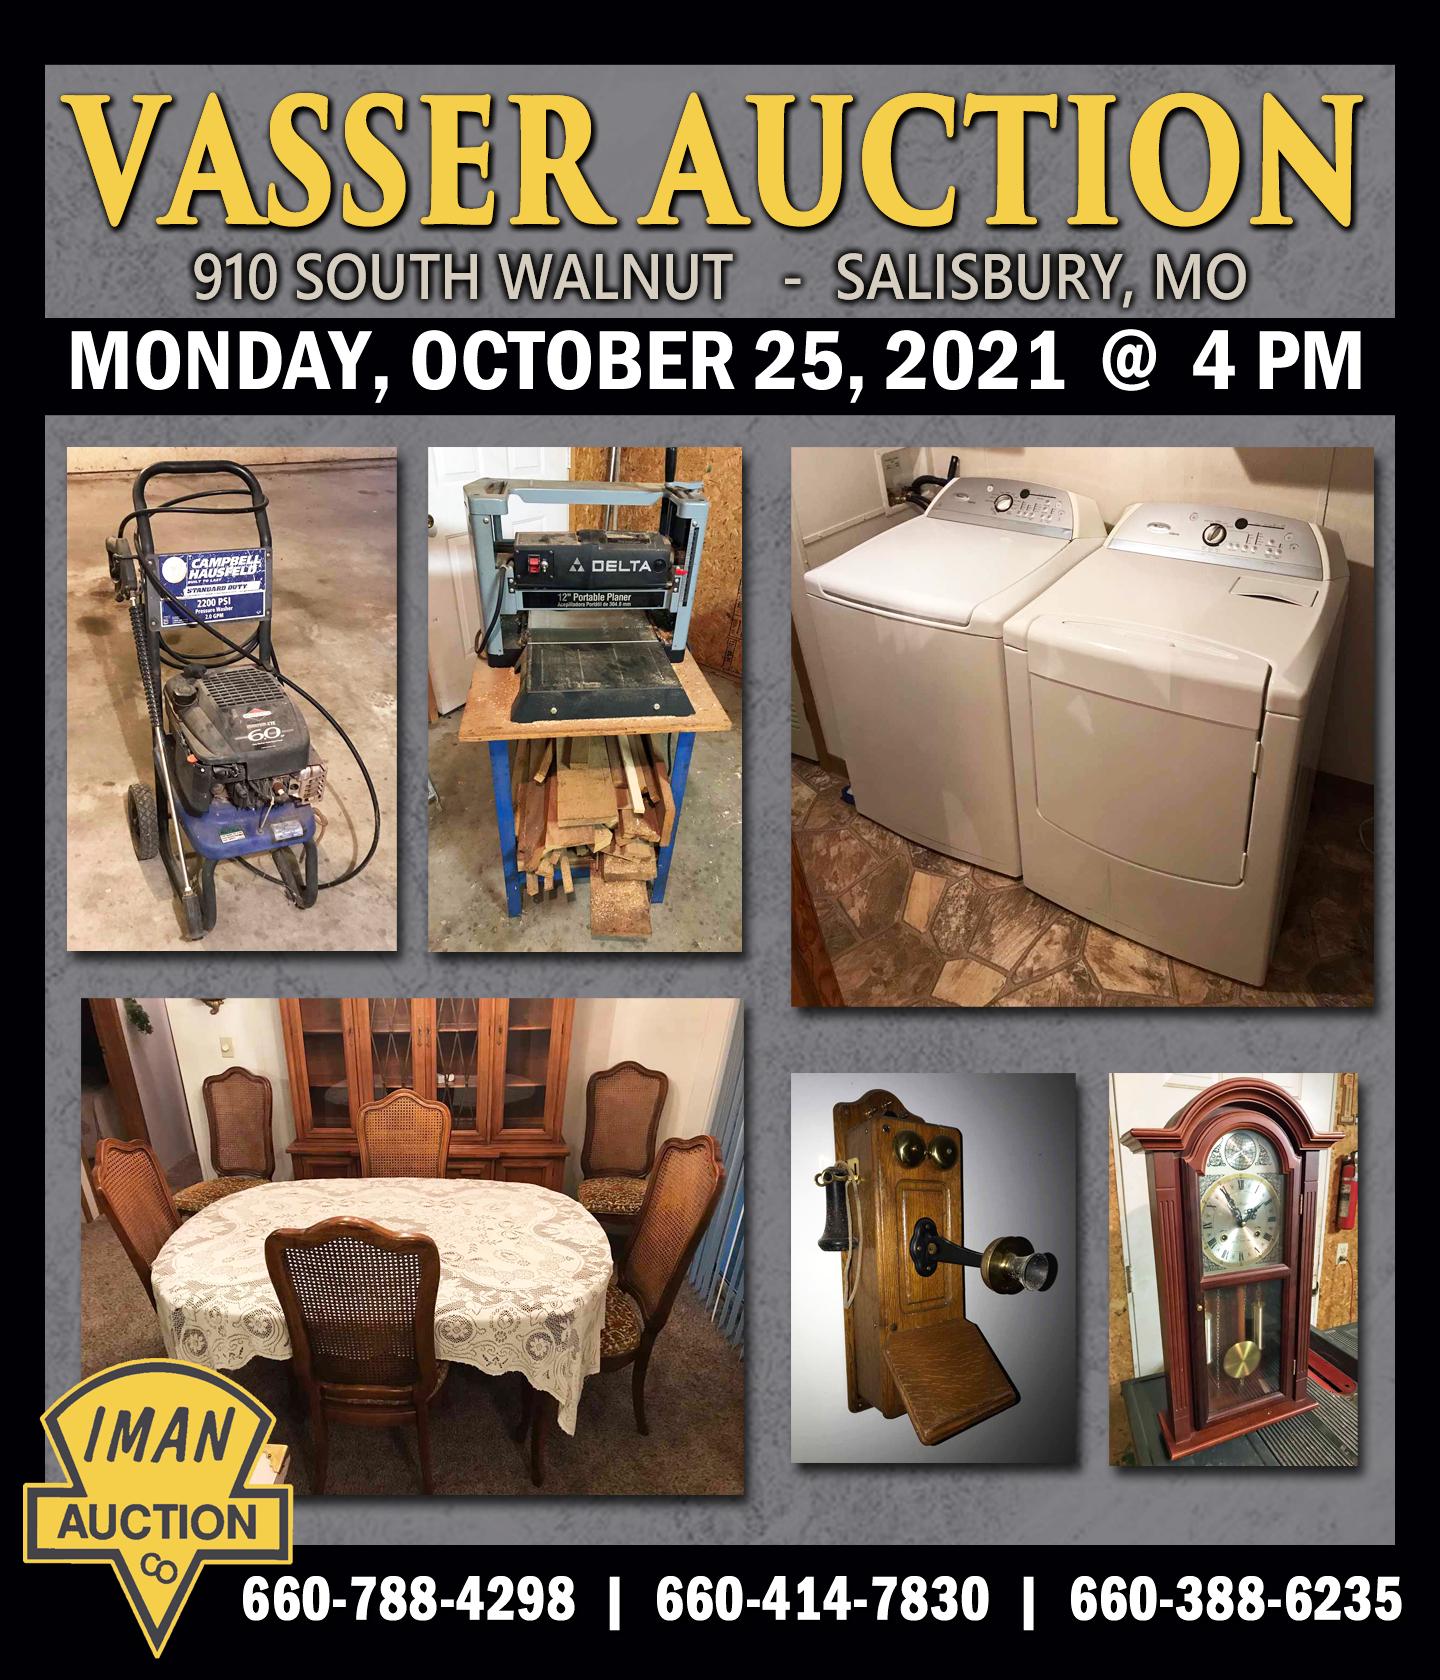 VASSER AUCTION